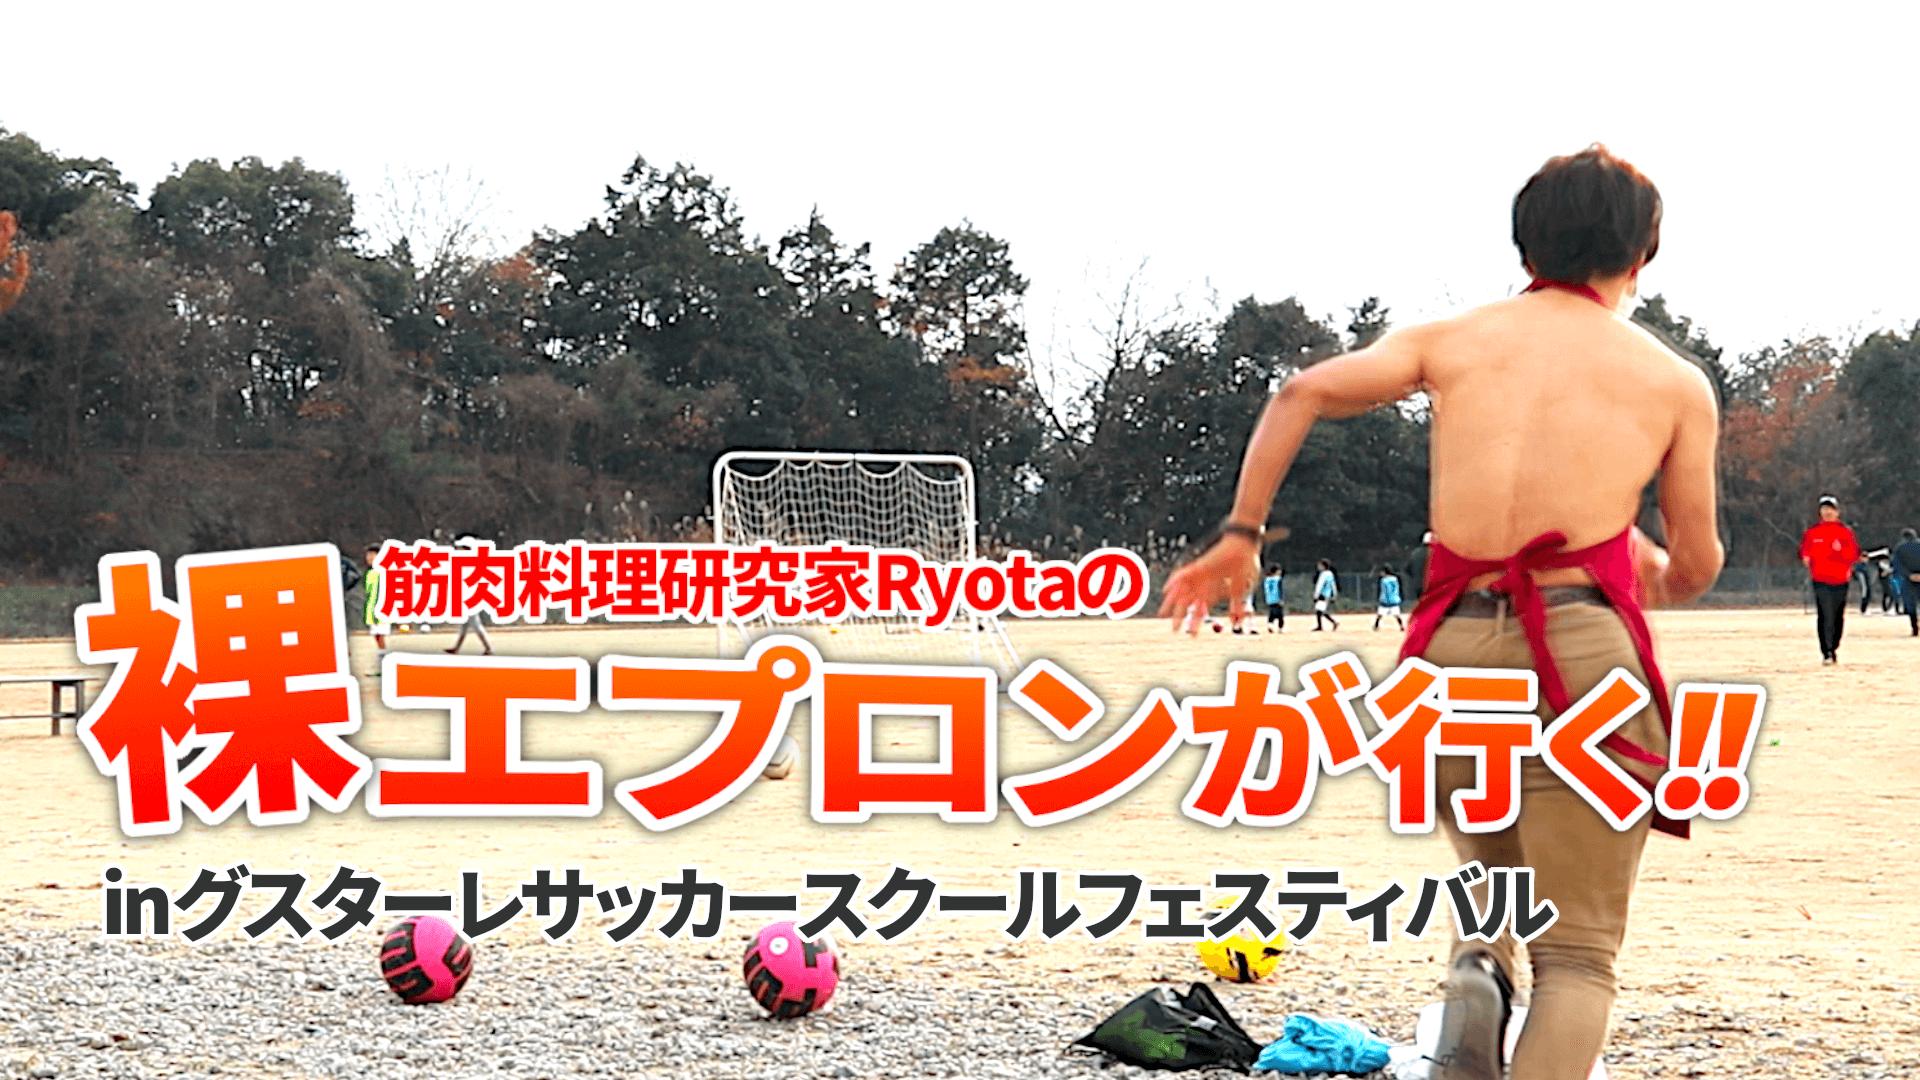 筋肉料理研究家Ryotaの裸エプロンが行く!!inグスターレサッカースクールフェスティバル